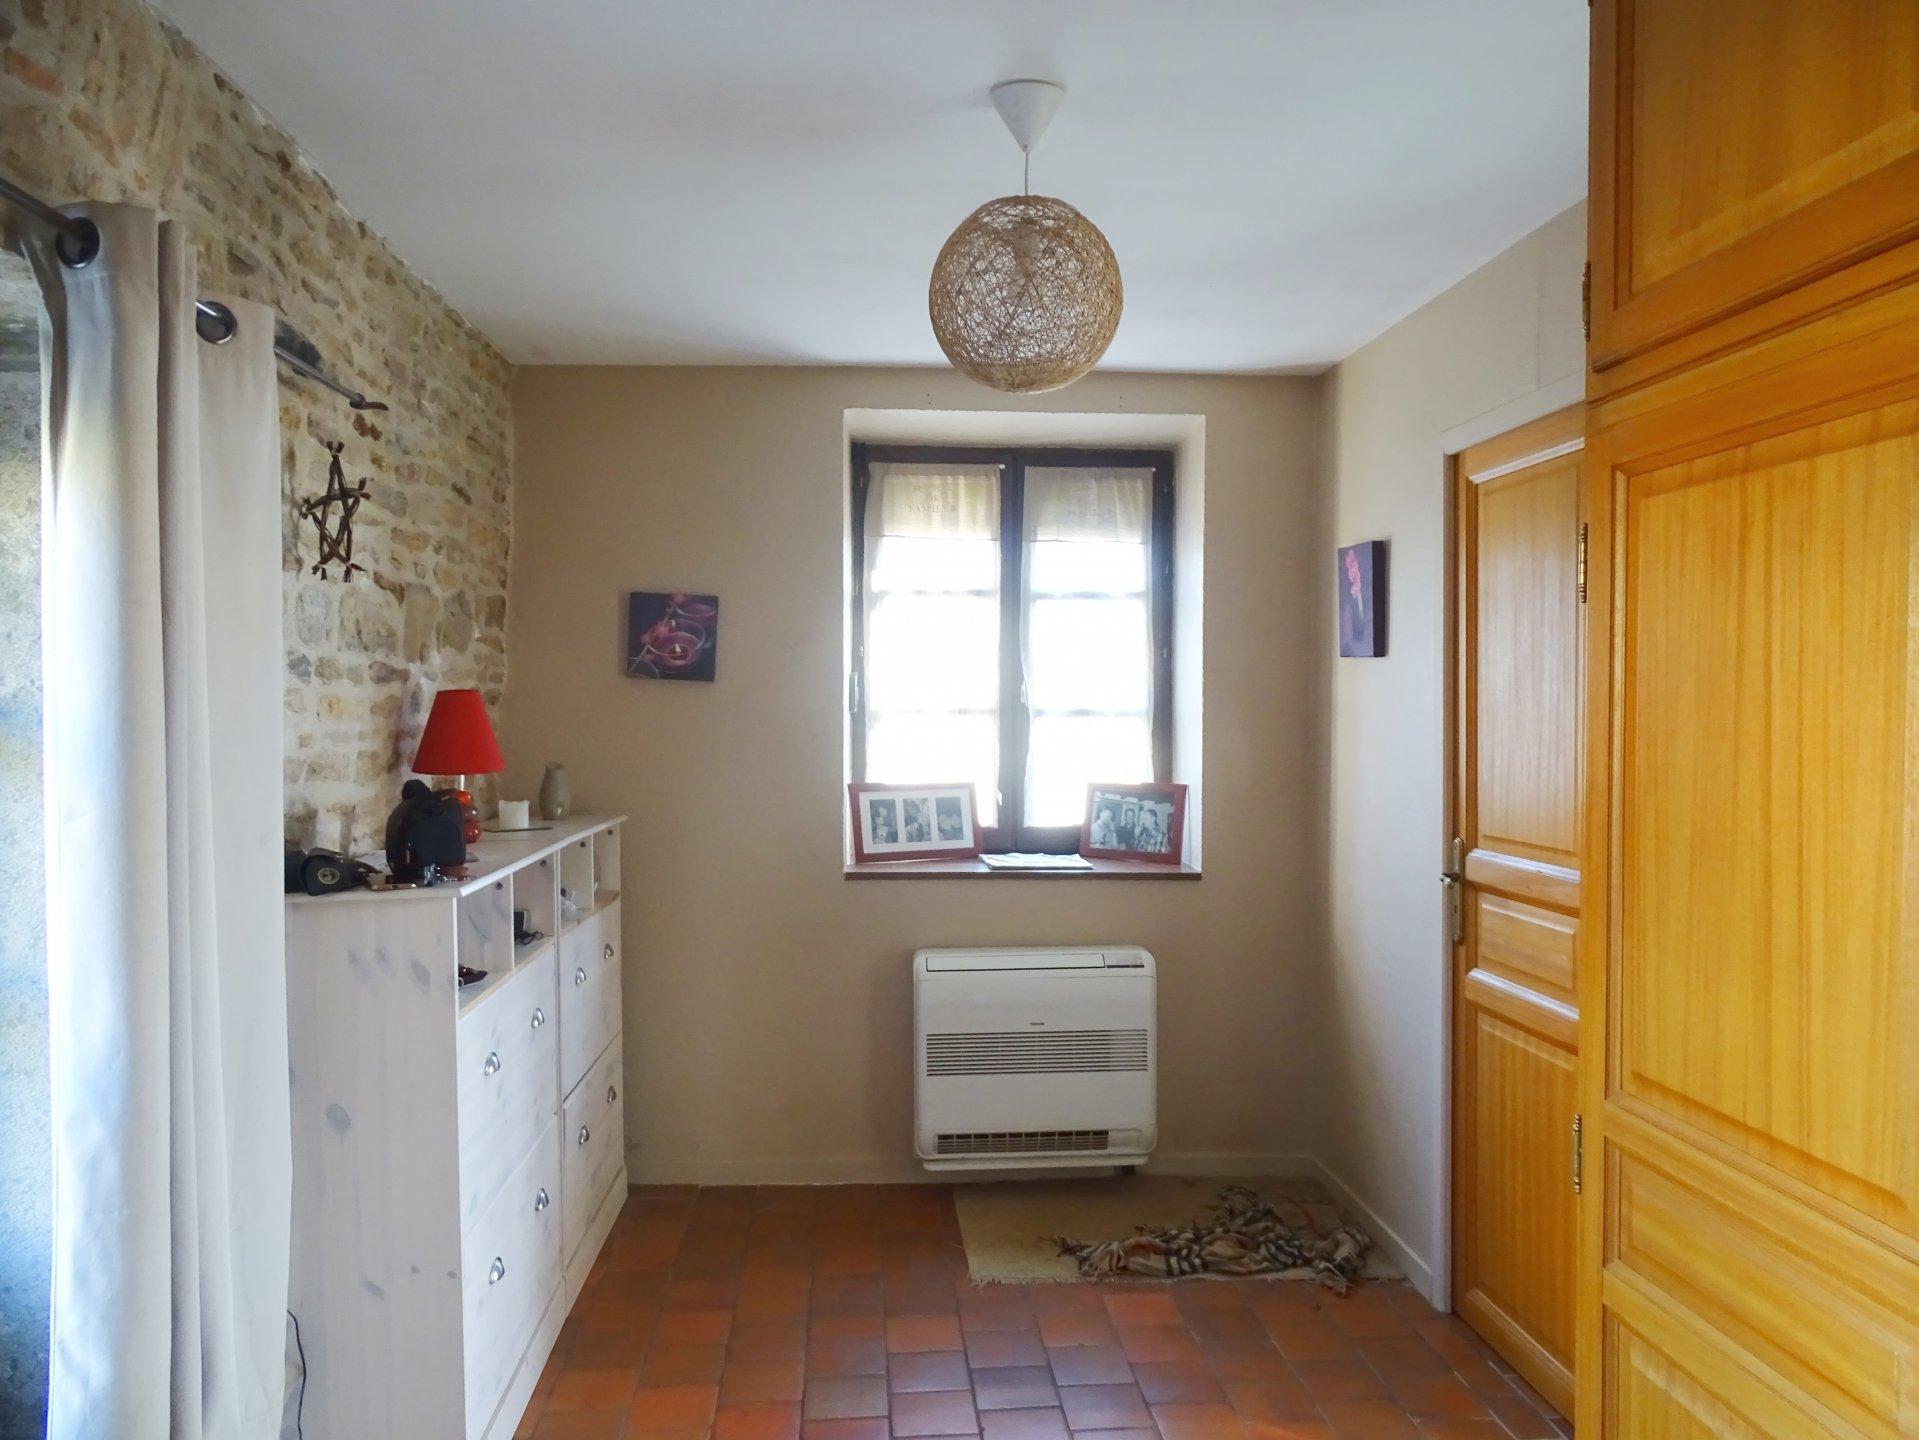 Verzé, 15 min de Mâcon, au calme, venez découvrir cette très belle maison vigneronne rénovée offrant une surface habitable de 180 m². Elle dispose d'une entrée desservant une vaste cuisine équipée, d'un salon, d'une salle à manger avec son accès à la terrasse (60 m²), d'une salle de bains (douche et baignoire), de quatre grandes chambres ainsi qu'un toilette avec lave mains. Vous serez séduits par ses beaux volumes, ses prestations de qualités, ainsi que sa vue dégagée. Véritable maison en pierre élevée sur caves avec dépendances. Honoraires à la charge du vendeur.